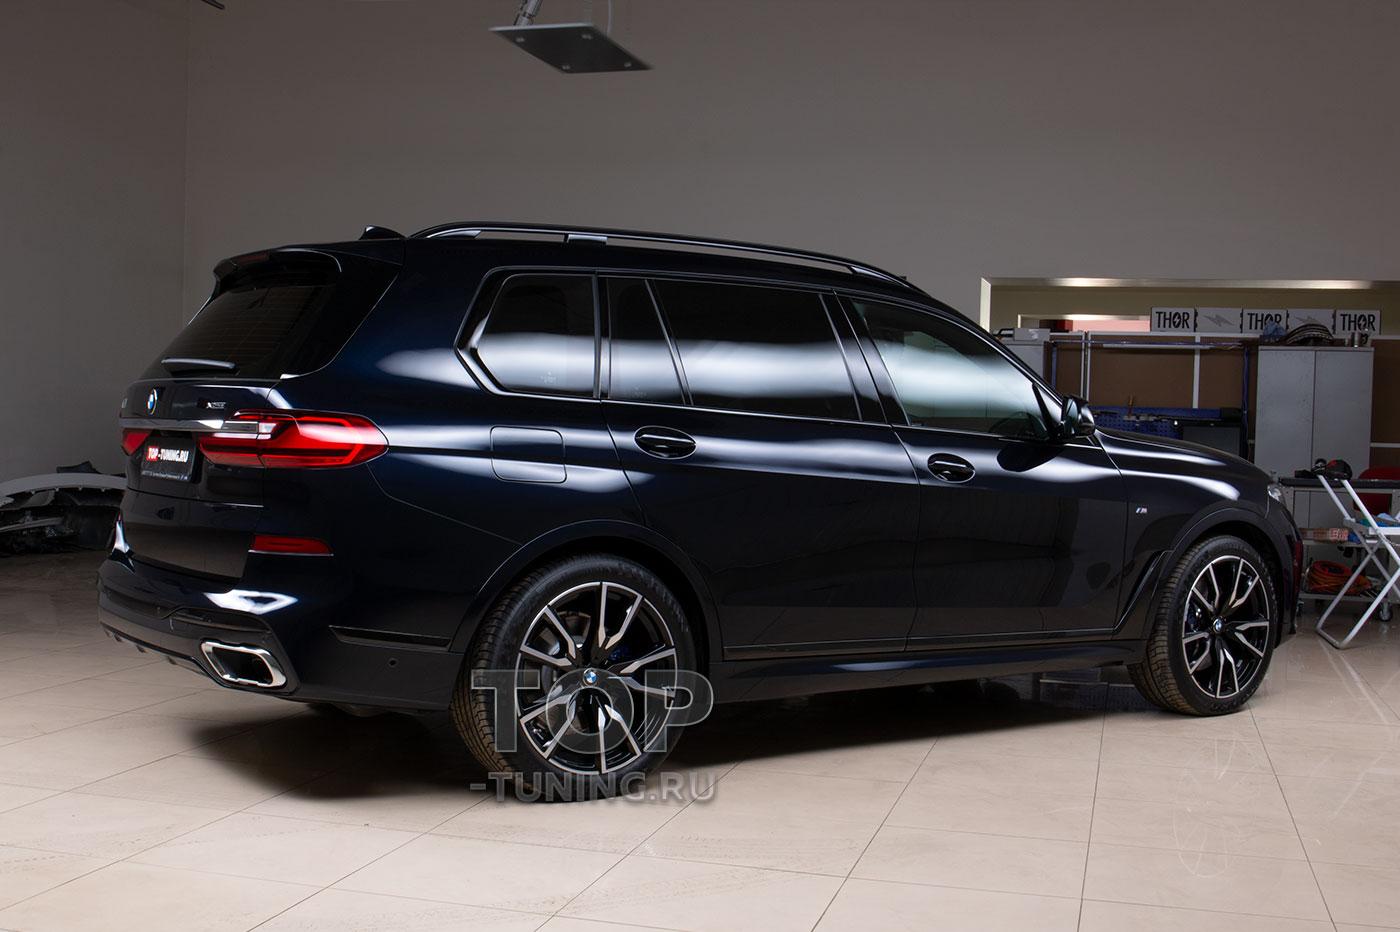 103379 Защитная обработка салона BMW X7